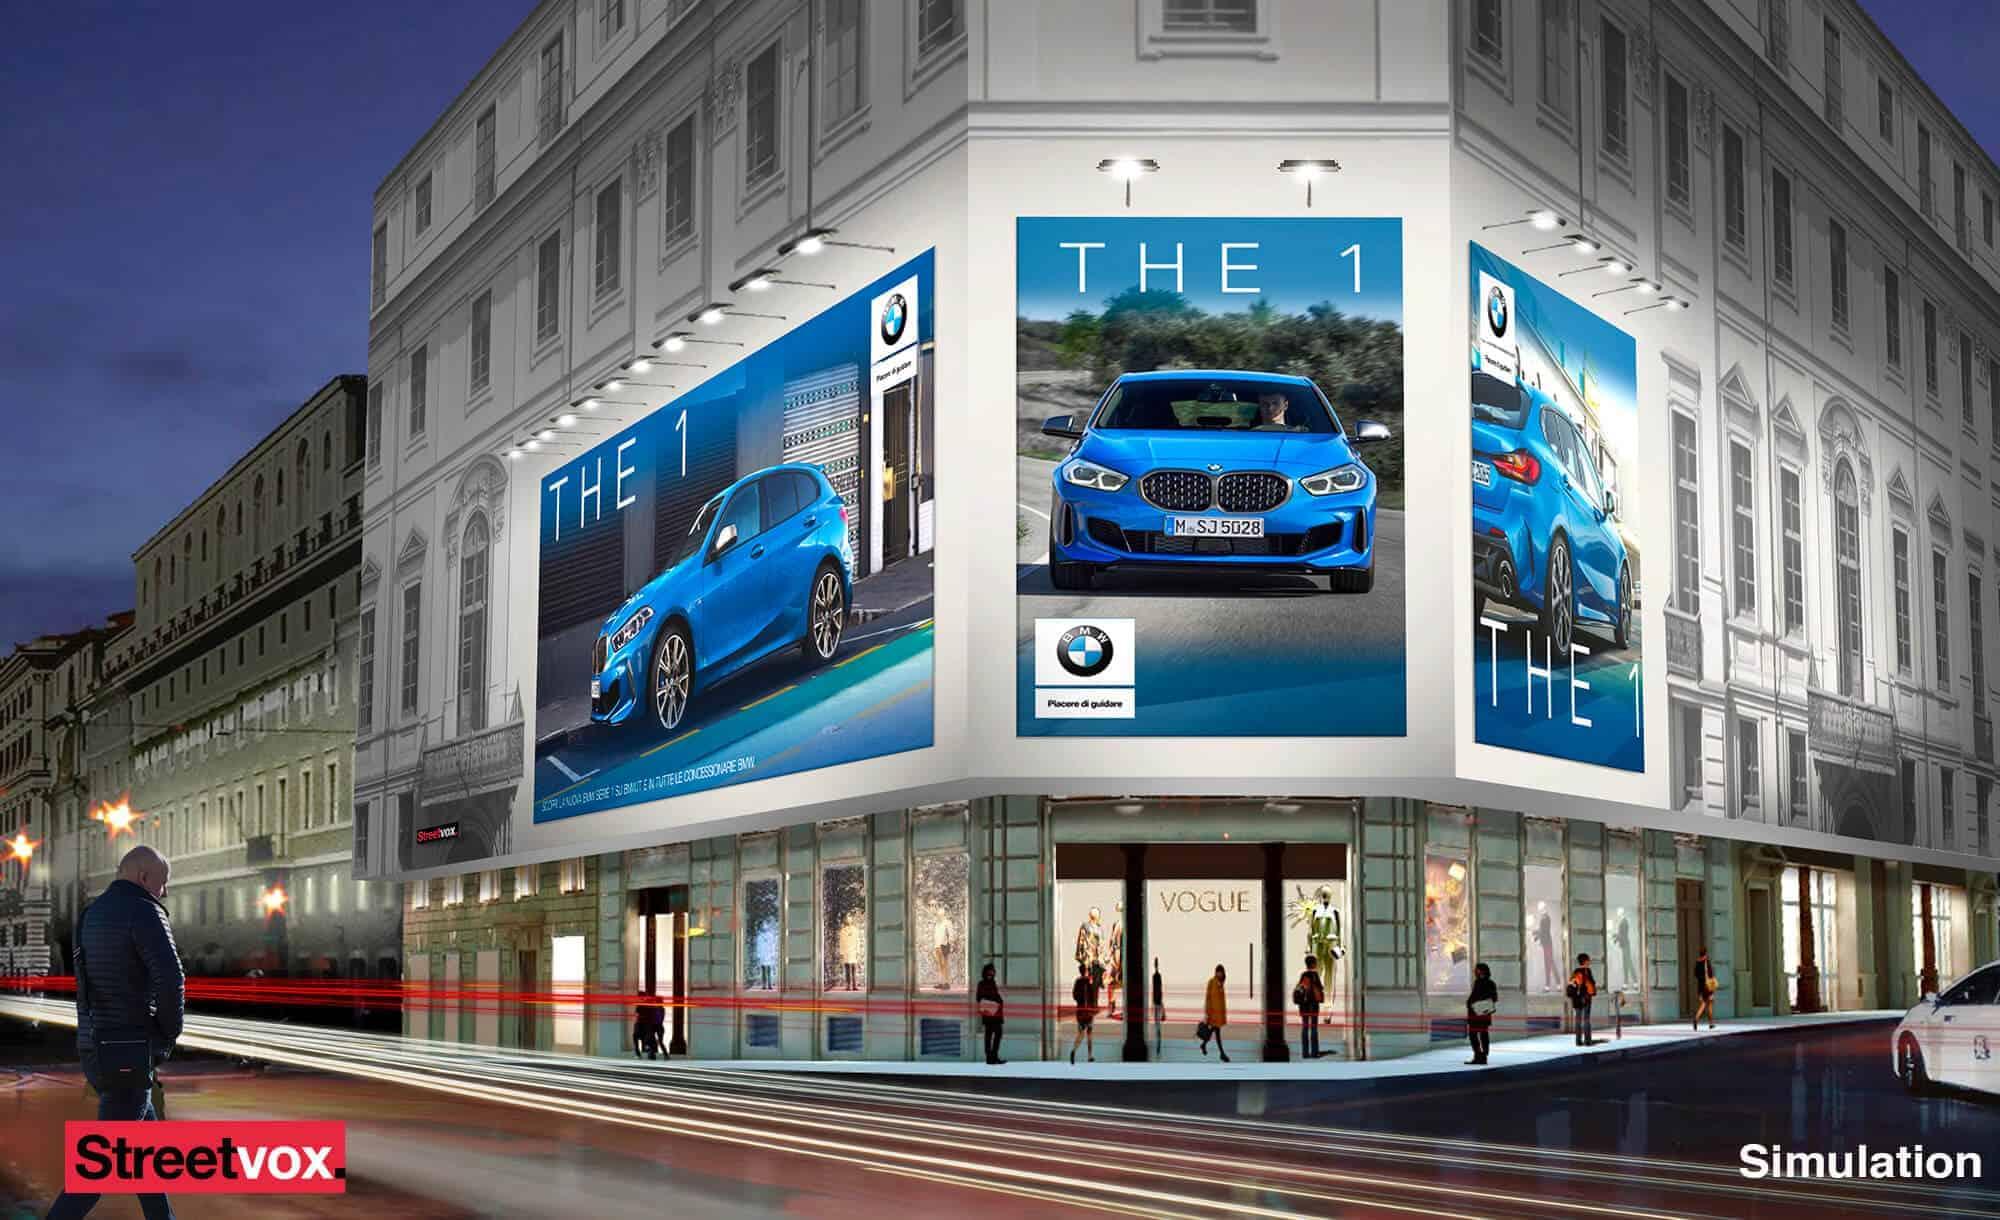 Maxi Affissione Streetvox in Via Tritone 66 a Roma con Automotive